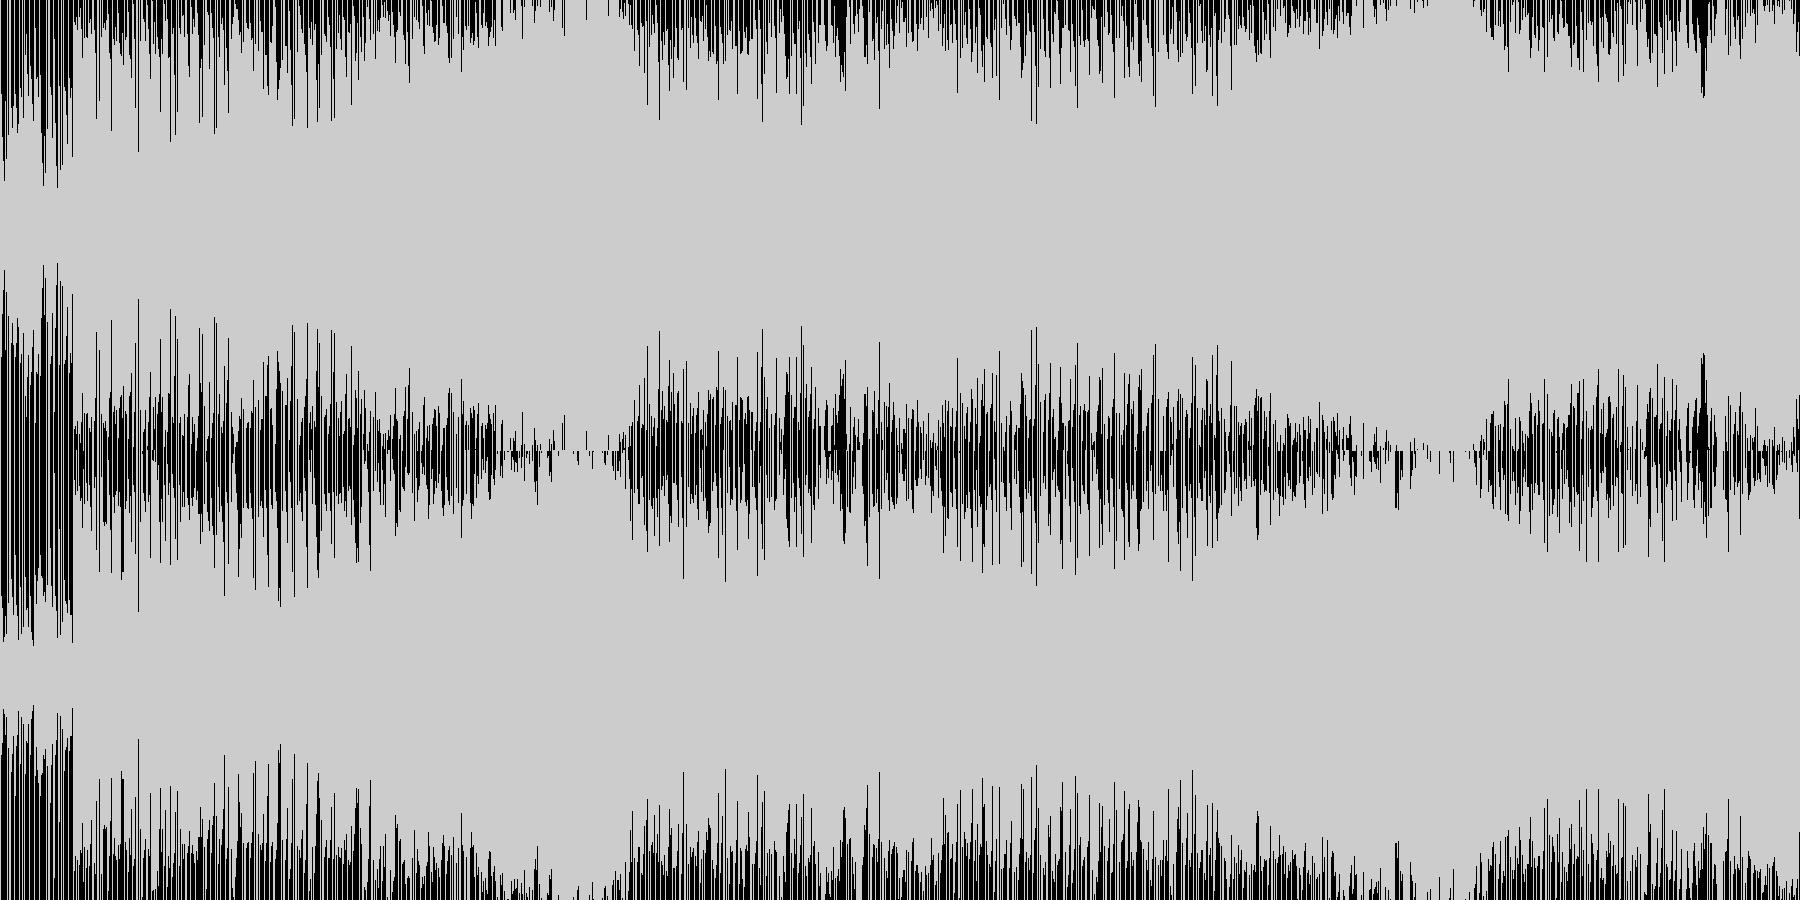 冬のフィールドイメージBGM・戦地に赴くの未再生の波形